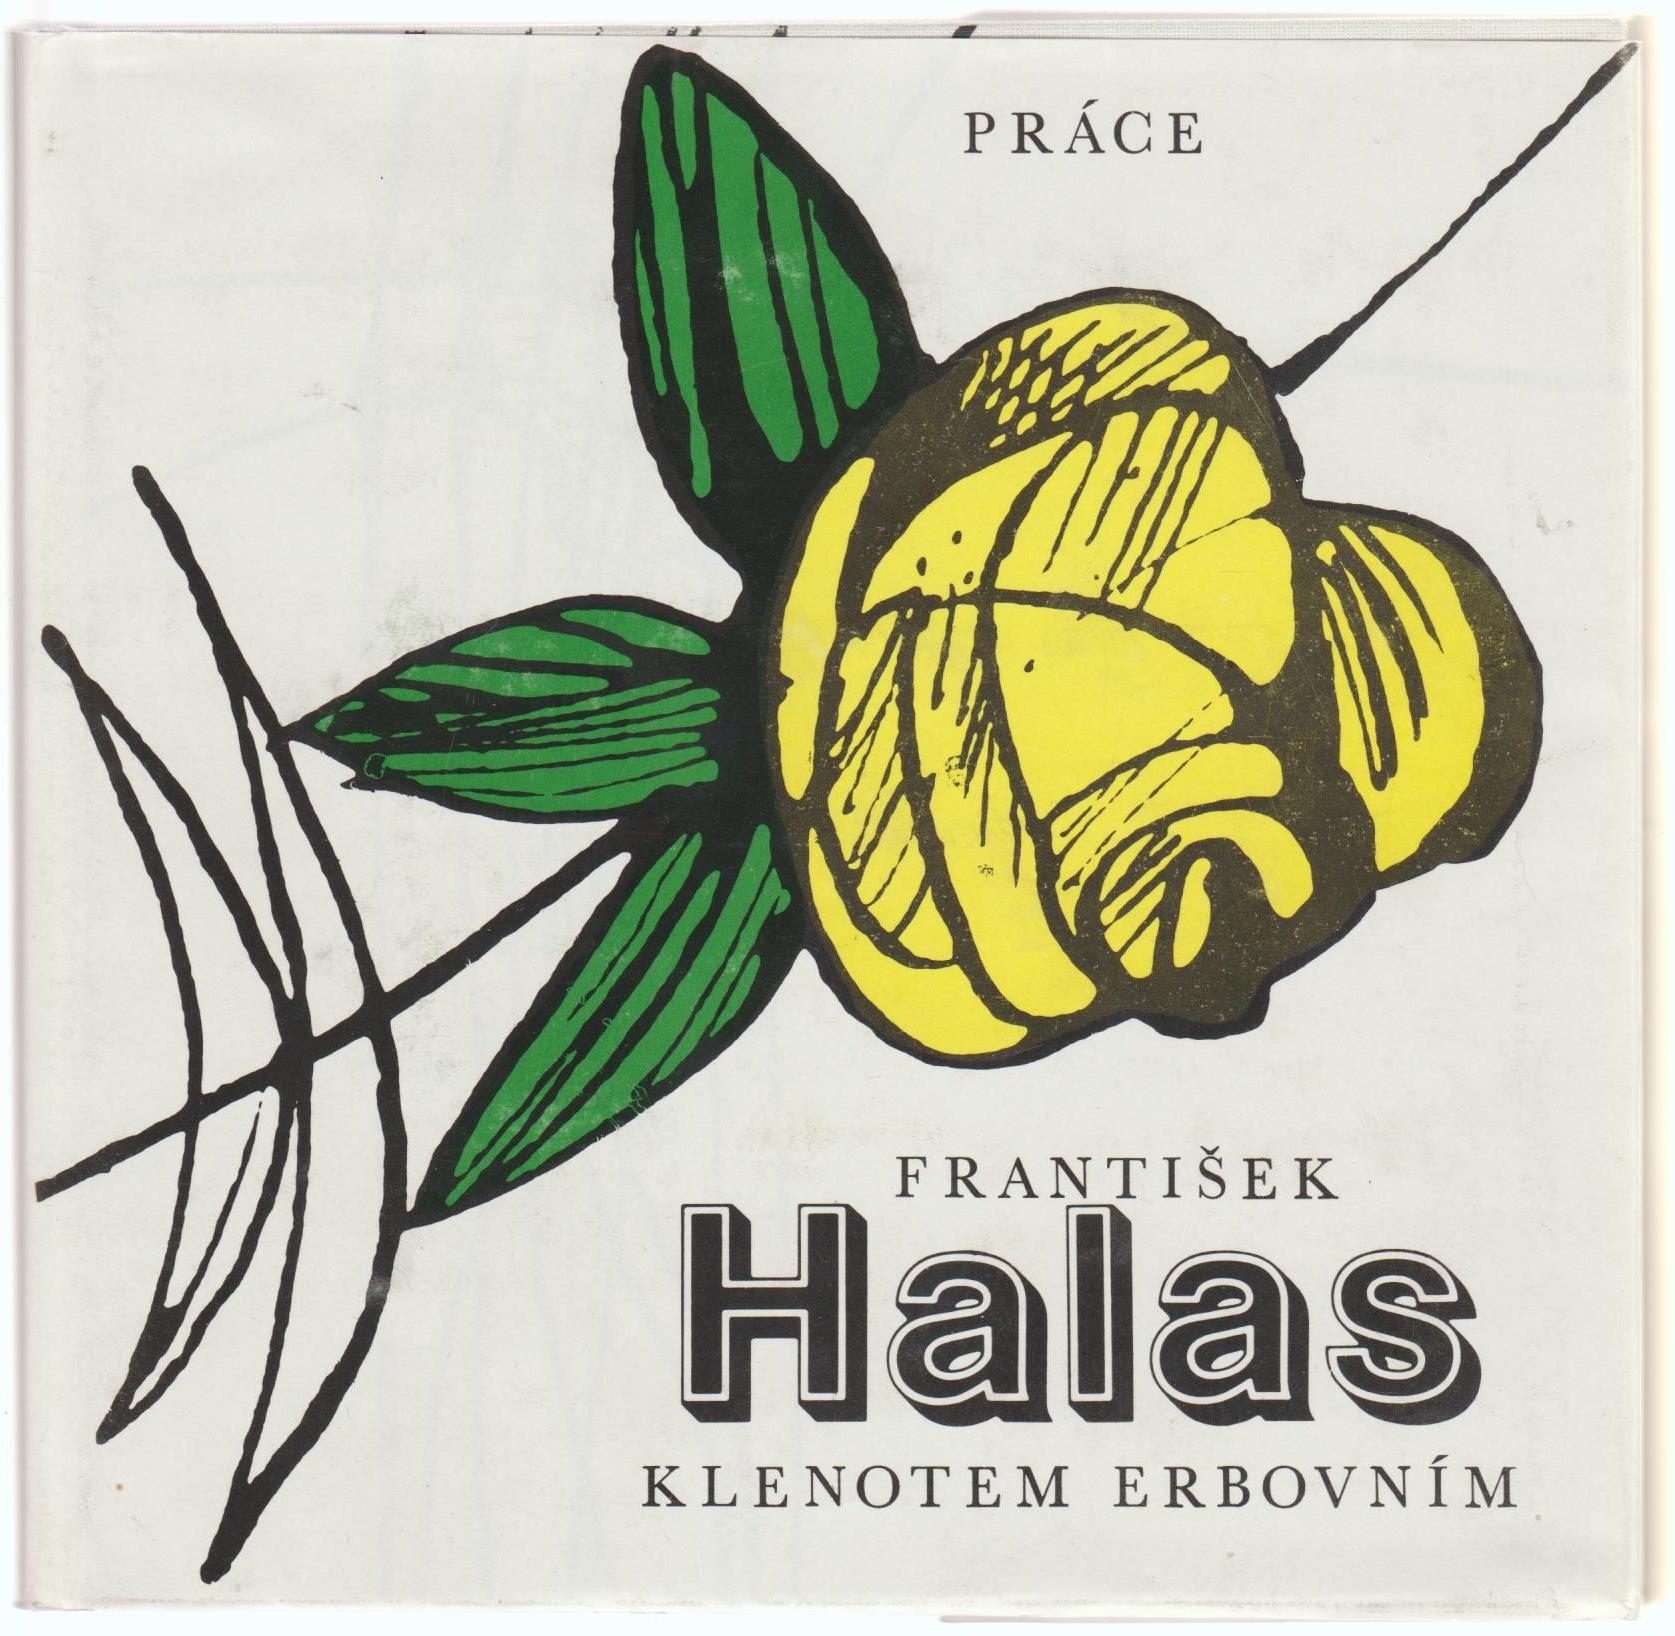 Klenotem erbovním - František Halas